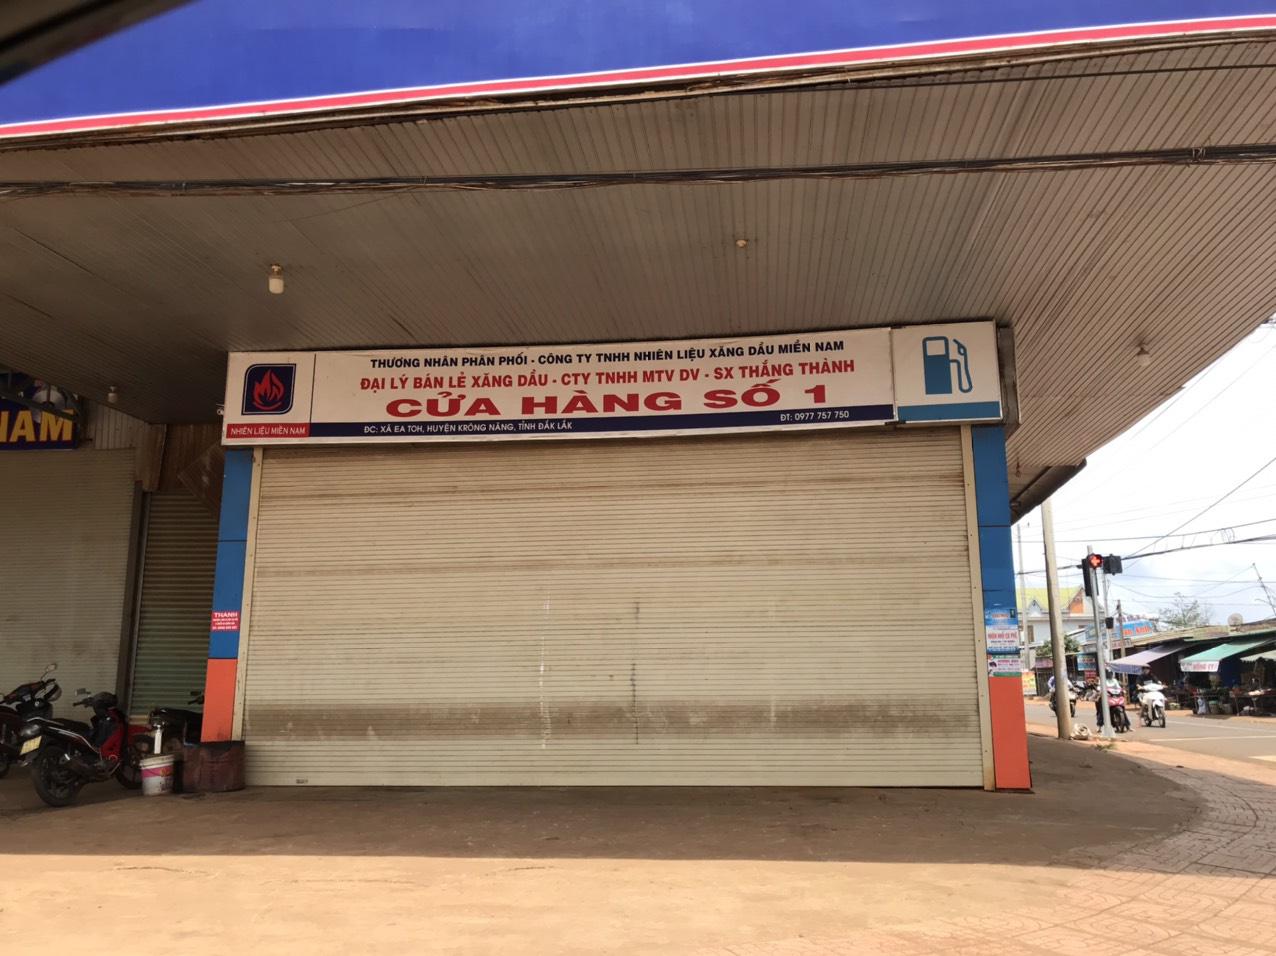 Hàng loạt cửa hàng xăng dầu Đắk Lắk đóng cửa vì hết xăng! - Ảnh 1.